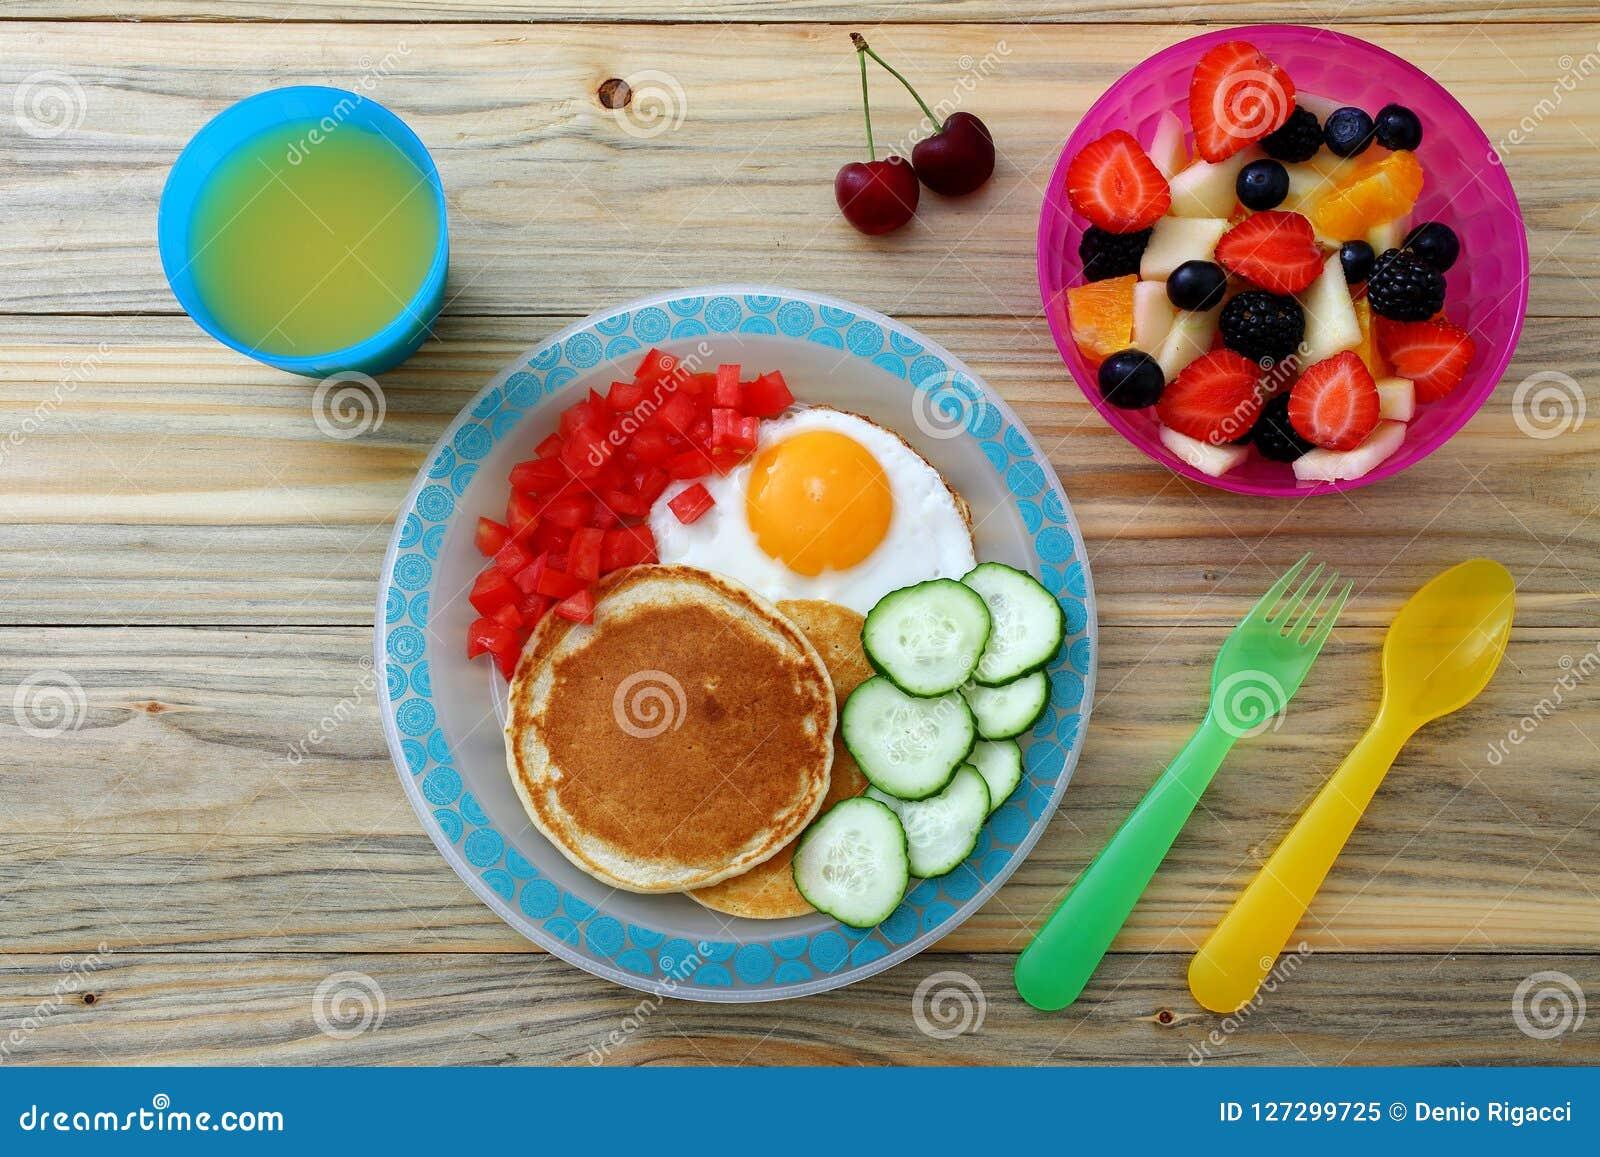 Healthy Breakfast Pancake Sandwich Club